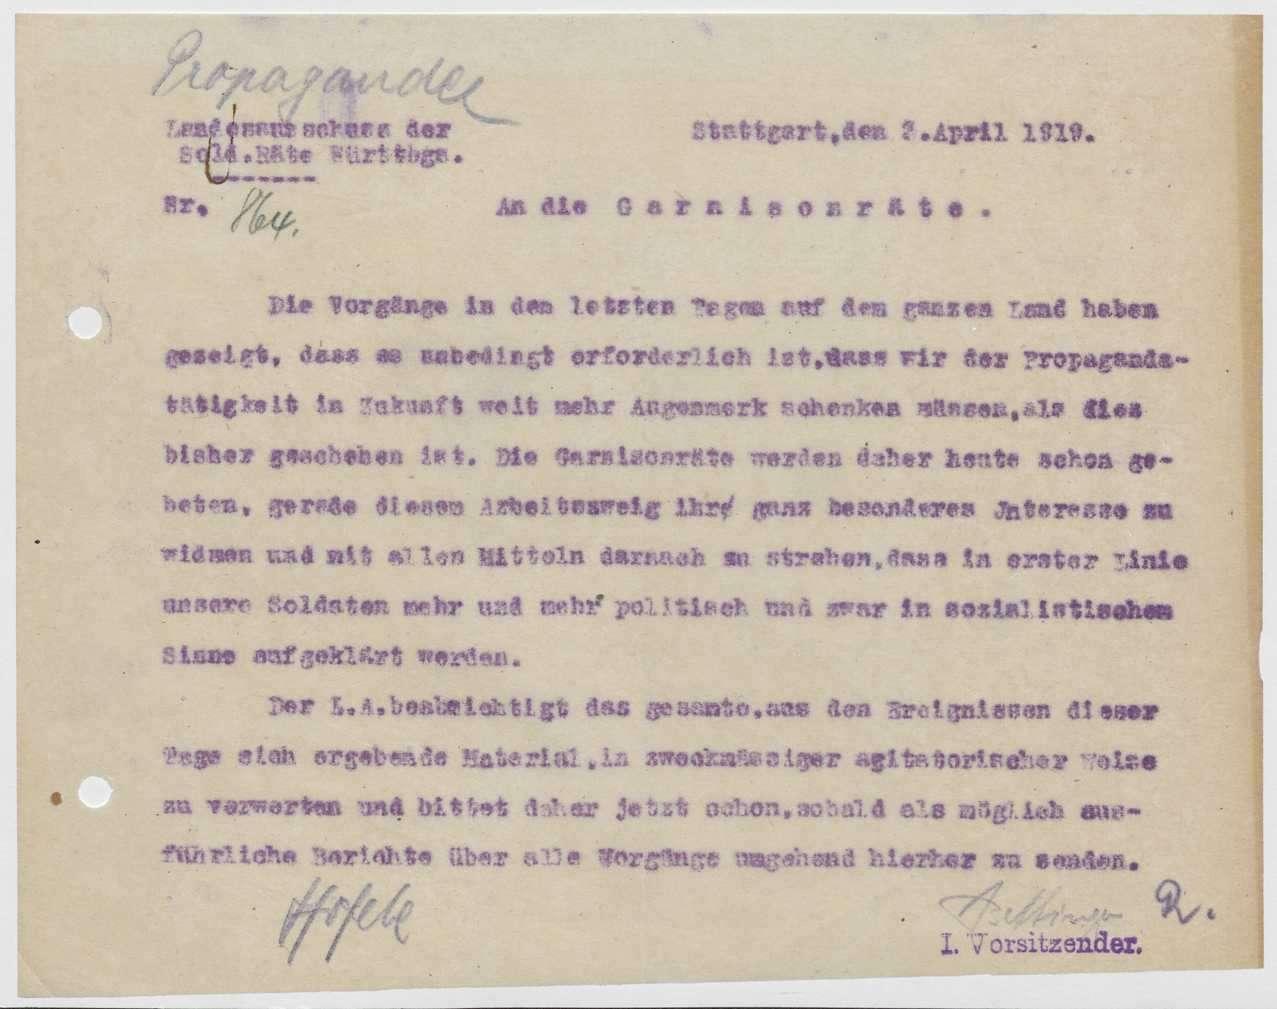 Förderung der Aufklärungs- und Propagandatätigkeit, Einrichtung einer Aufklärungssteile beim Kriegsministerium, Bild 3